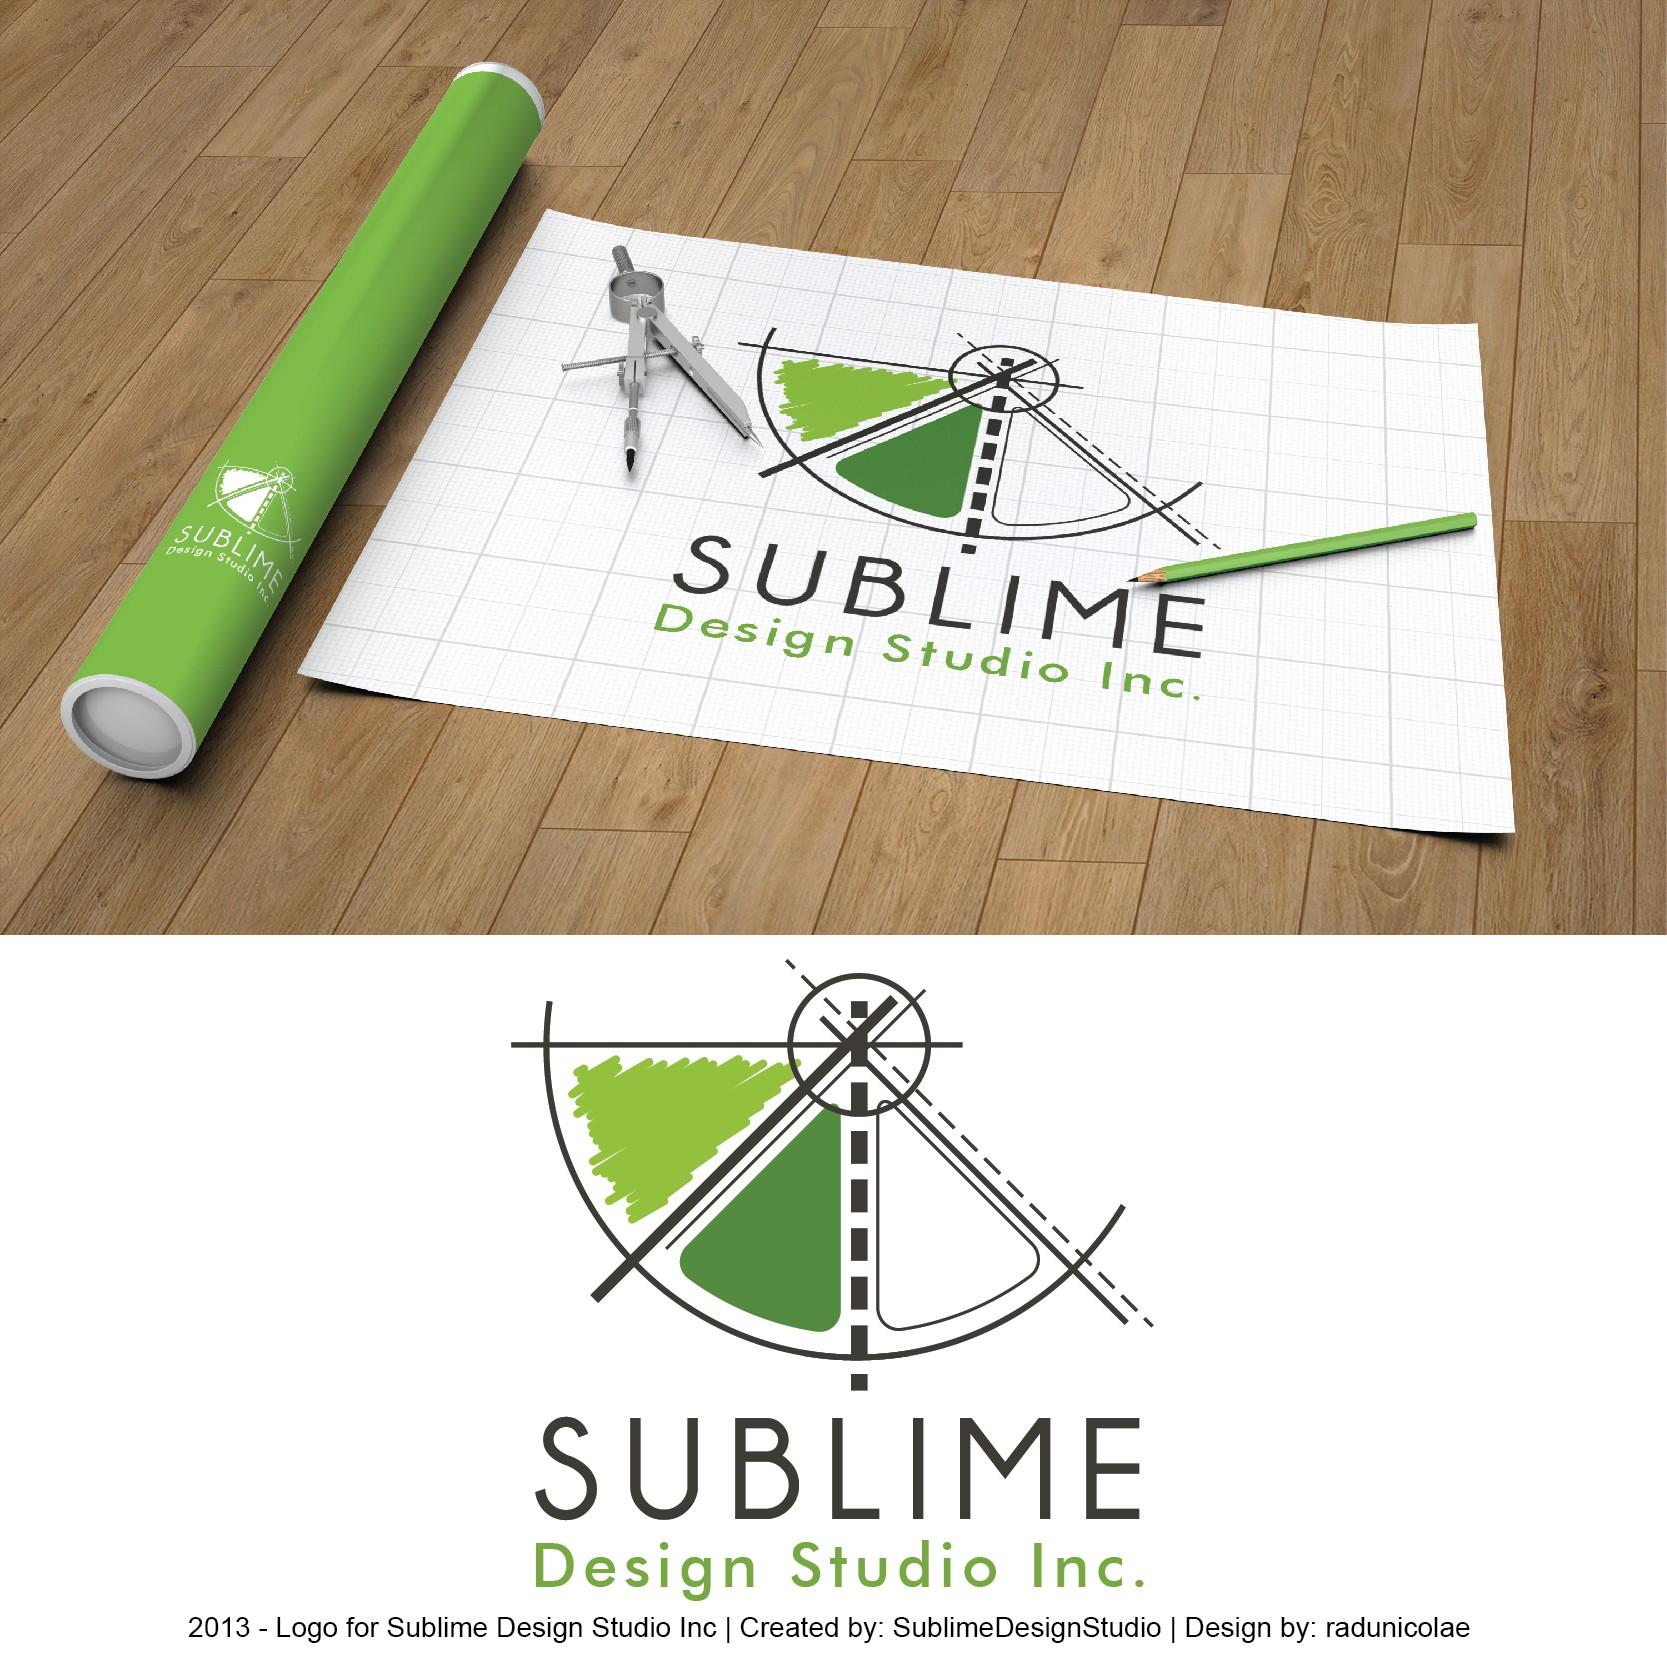 Sublime Design Studio Inc. needs a new logo